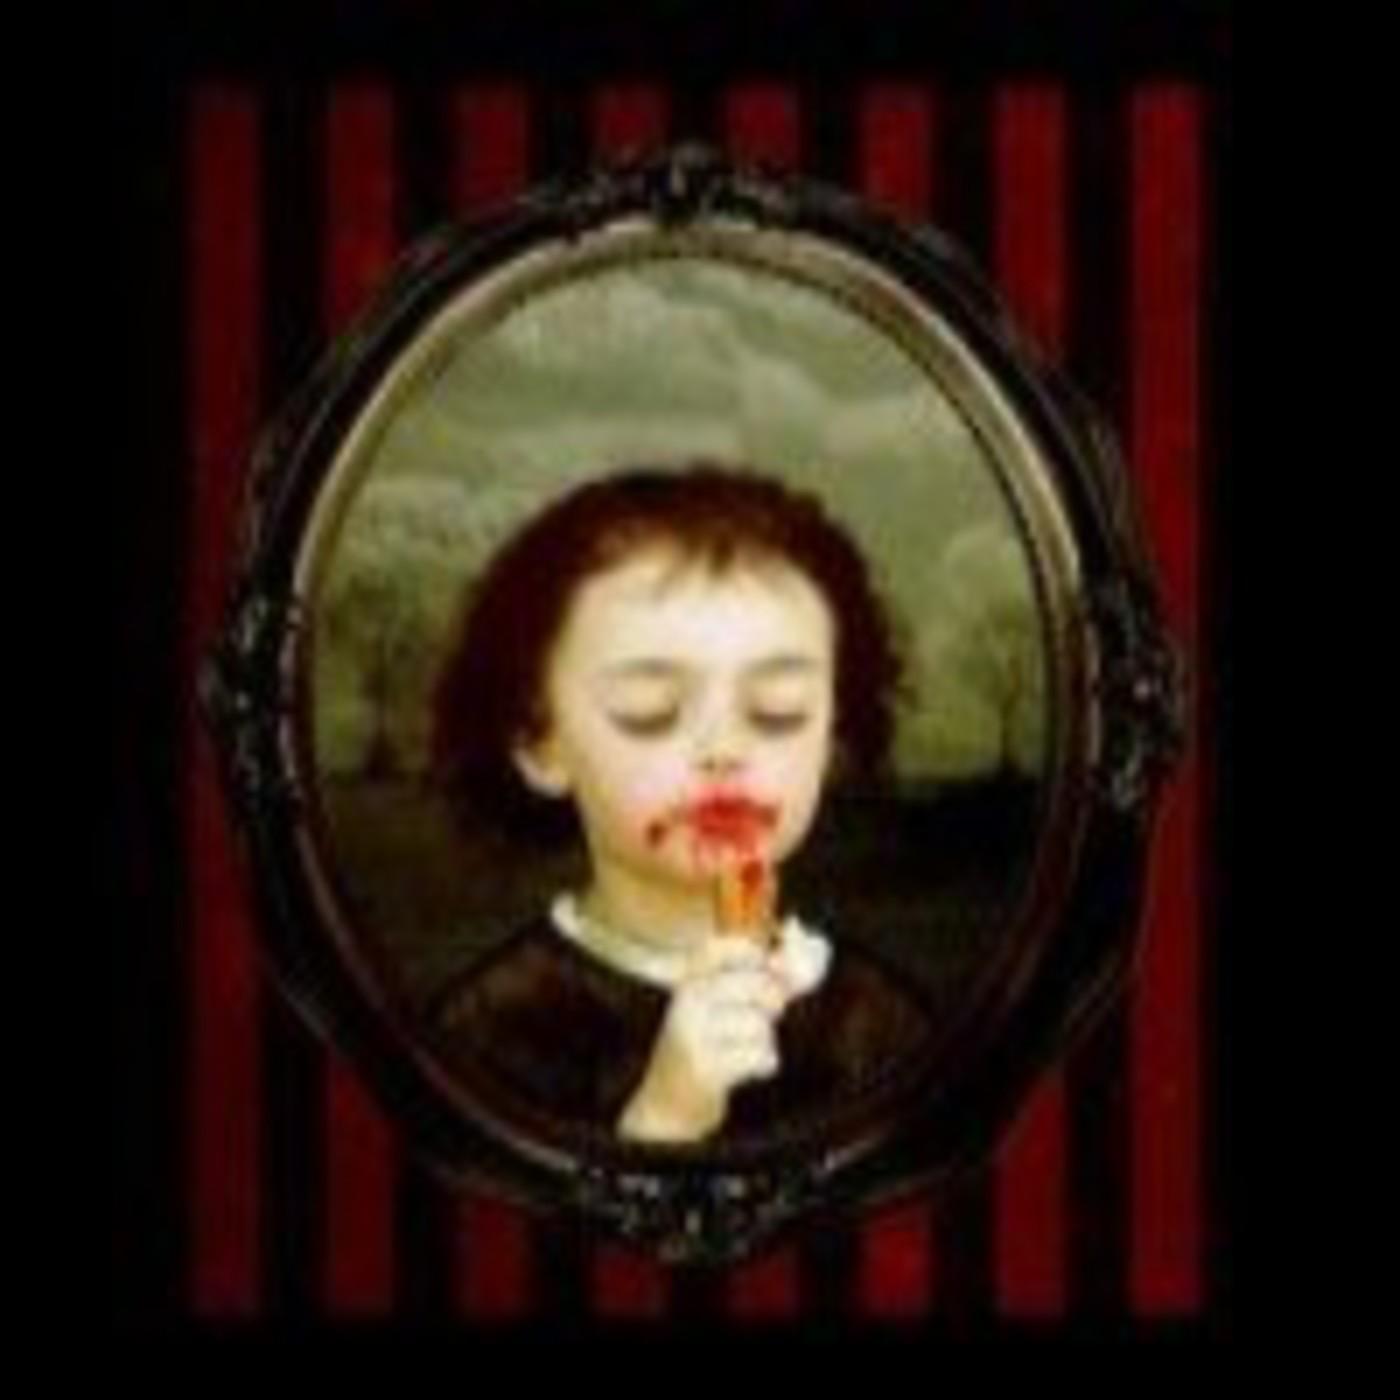 El mito del Vampiro